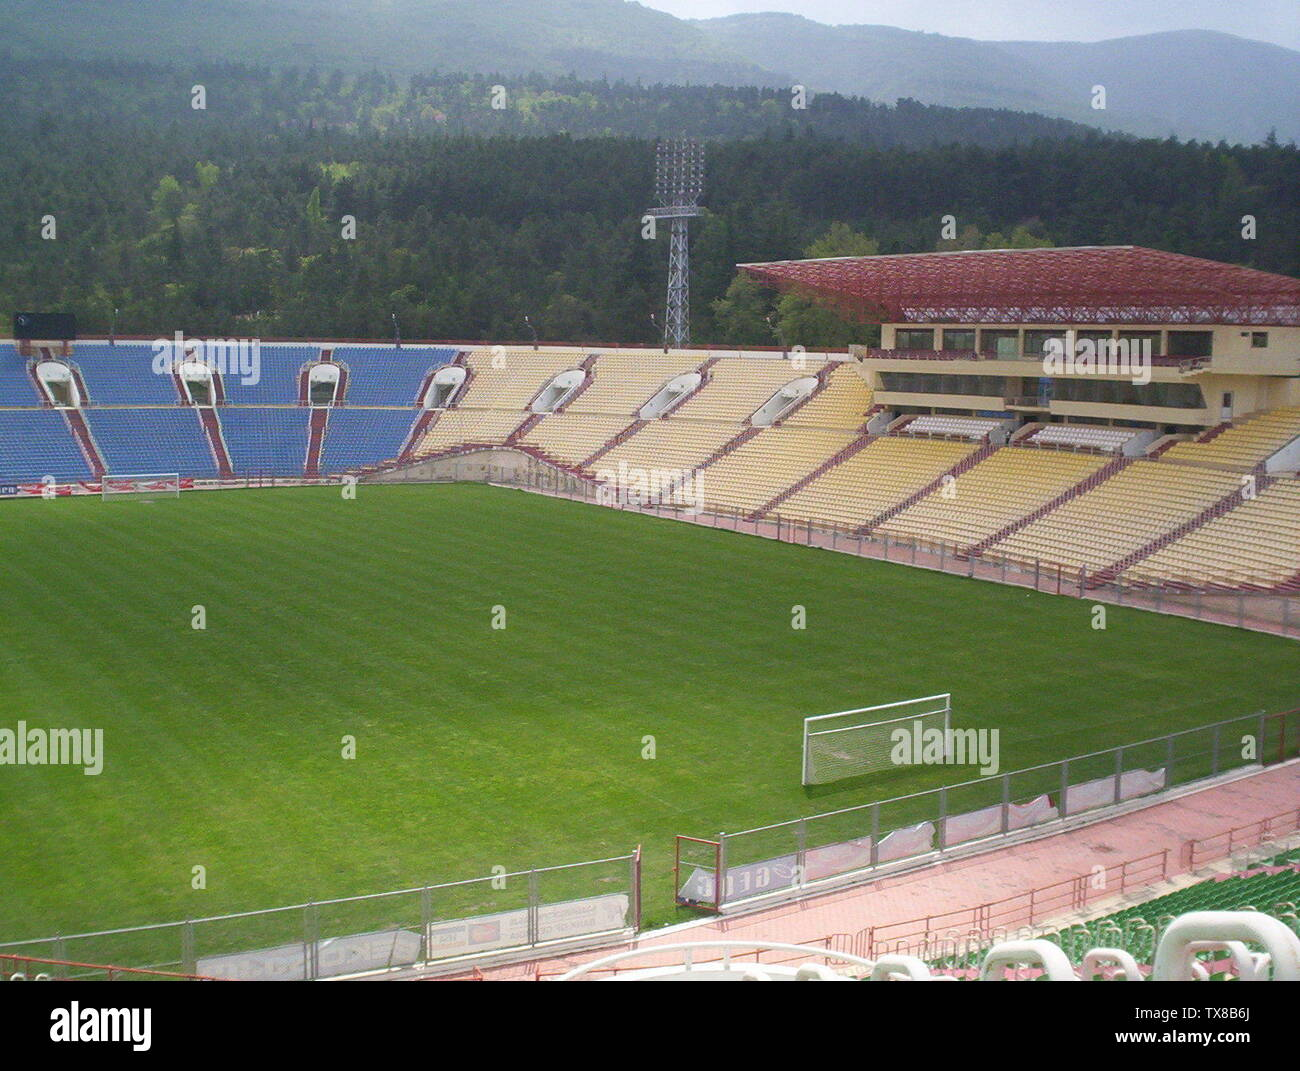 """""""Inglés: Dinamo Arena Georgia - Copa Mundial de la FIFA España 2014 Qualifier - 11.09.12; 11 de septiembre de 2012, 23:30:00; el propio trabajo; LUKISH_8; ' Imagen De Stock"""